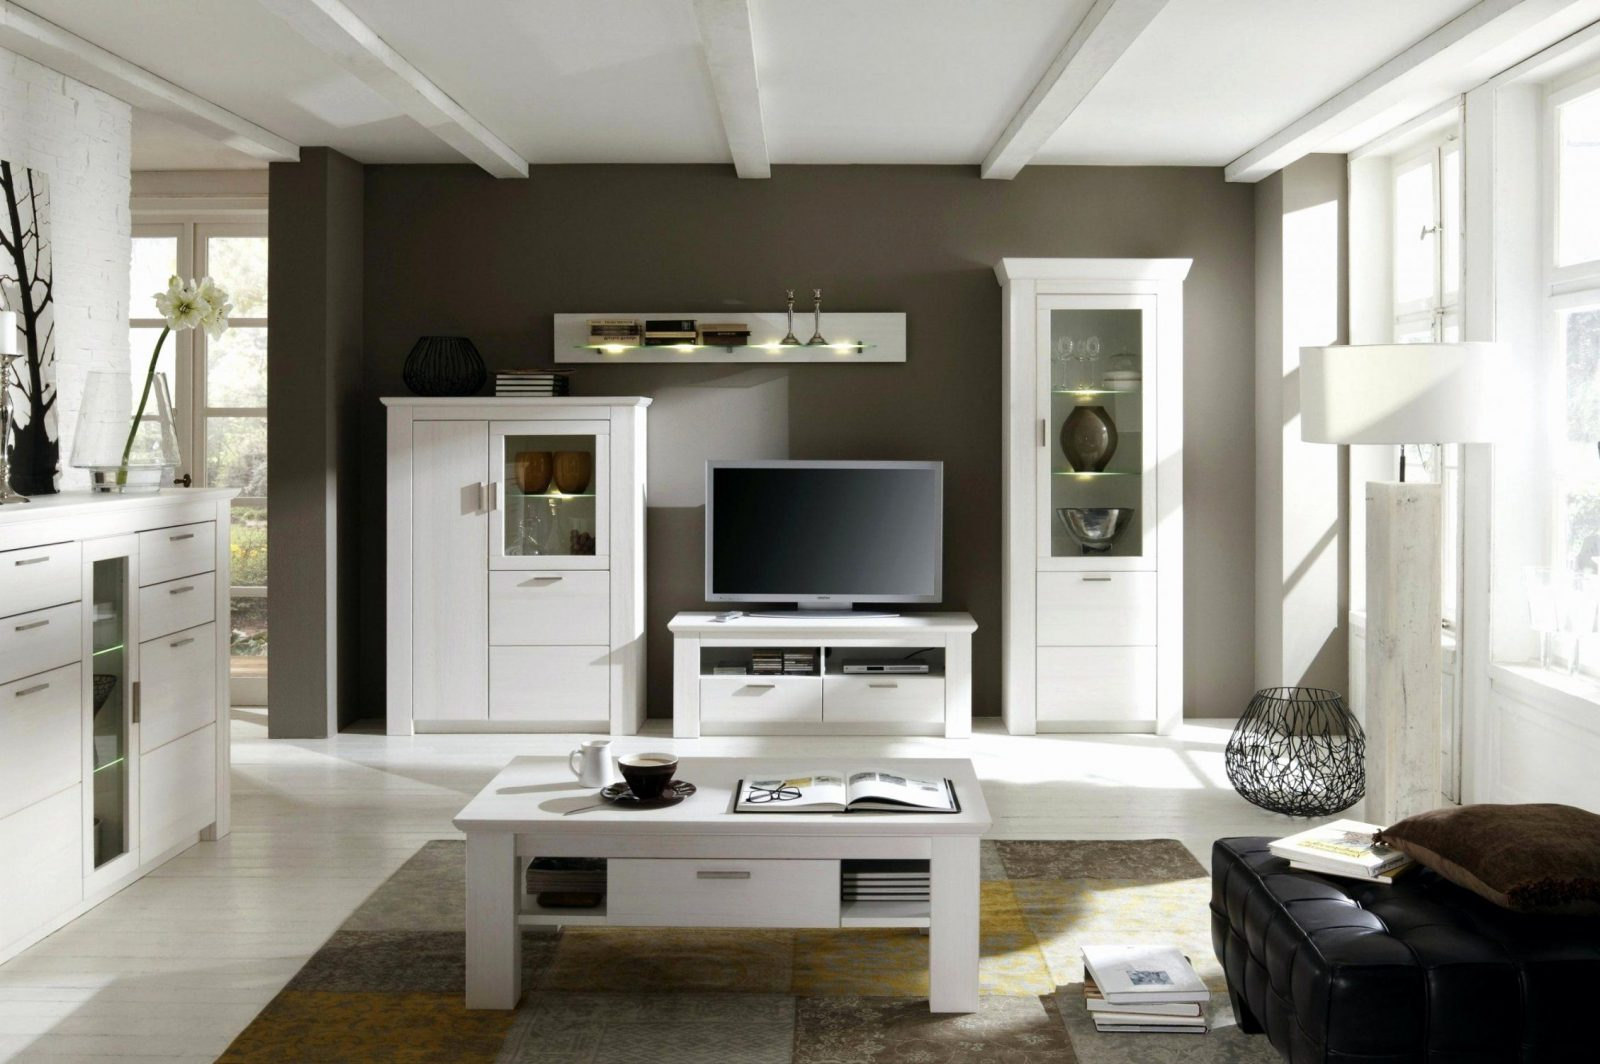 Wohnzimmer Neu Gestalten Mit Wenig Geld Haus Design Ideen